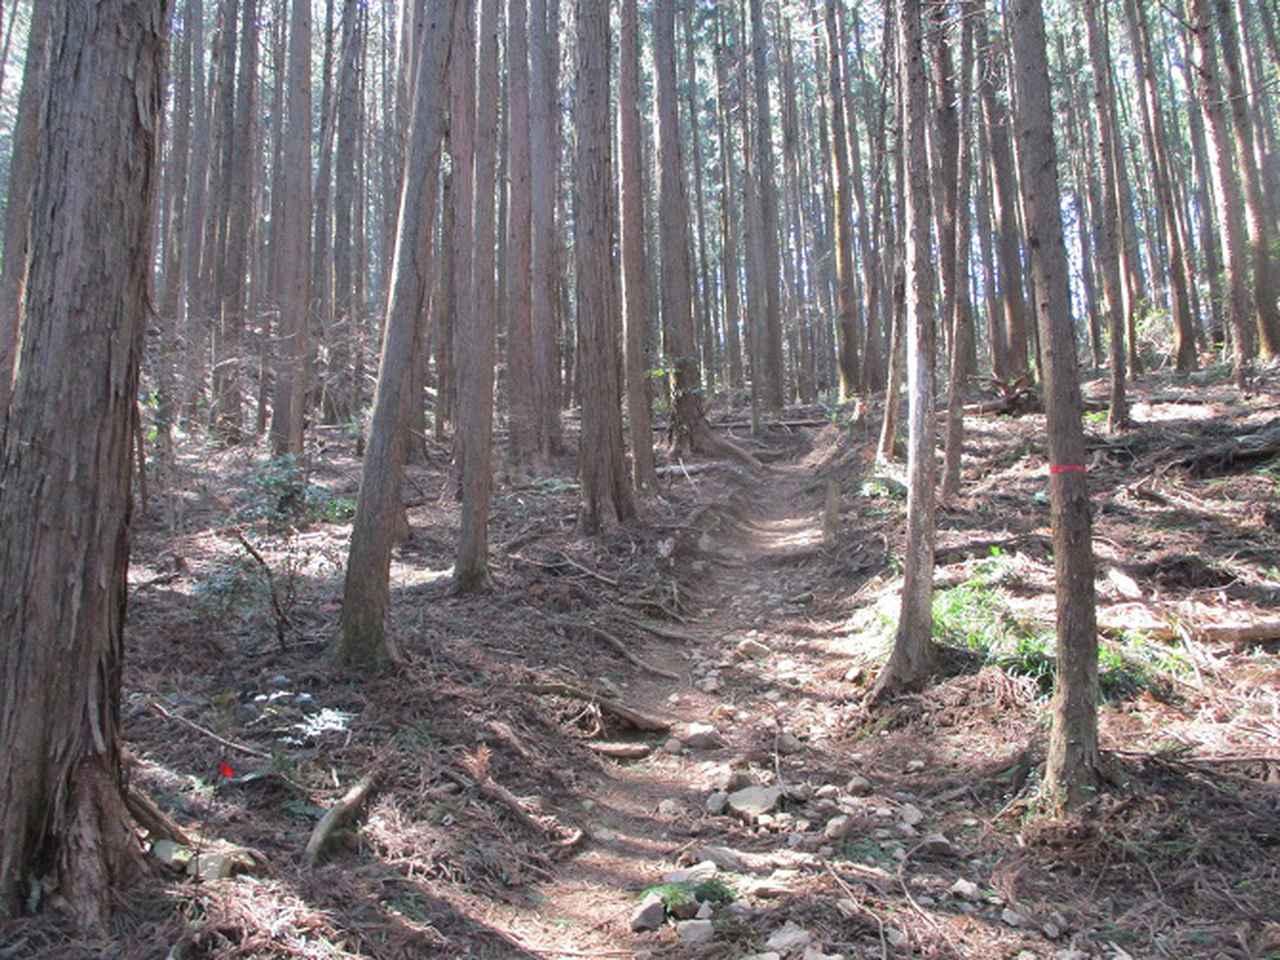 画像1: 企画素材を探して西武線沿線の 大高山から天覚山 を歩いてみました!